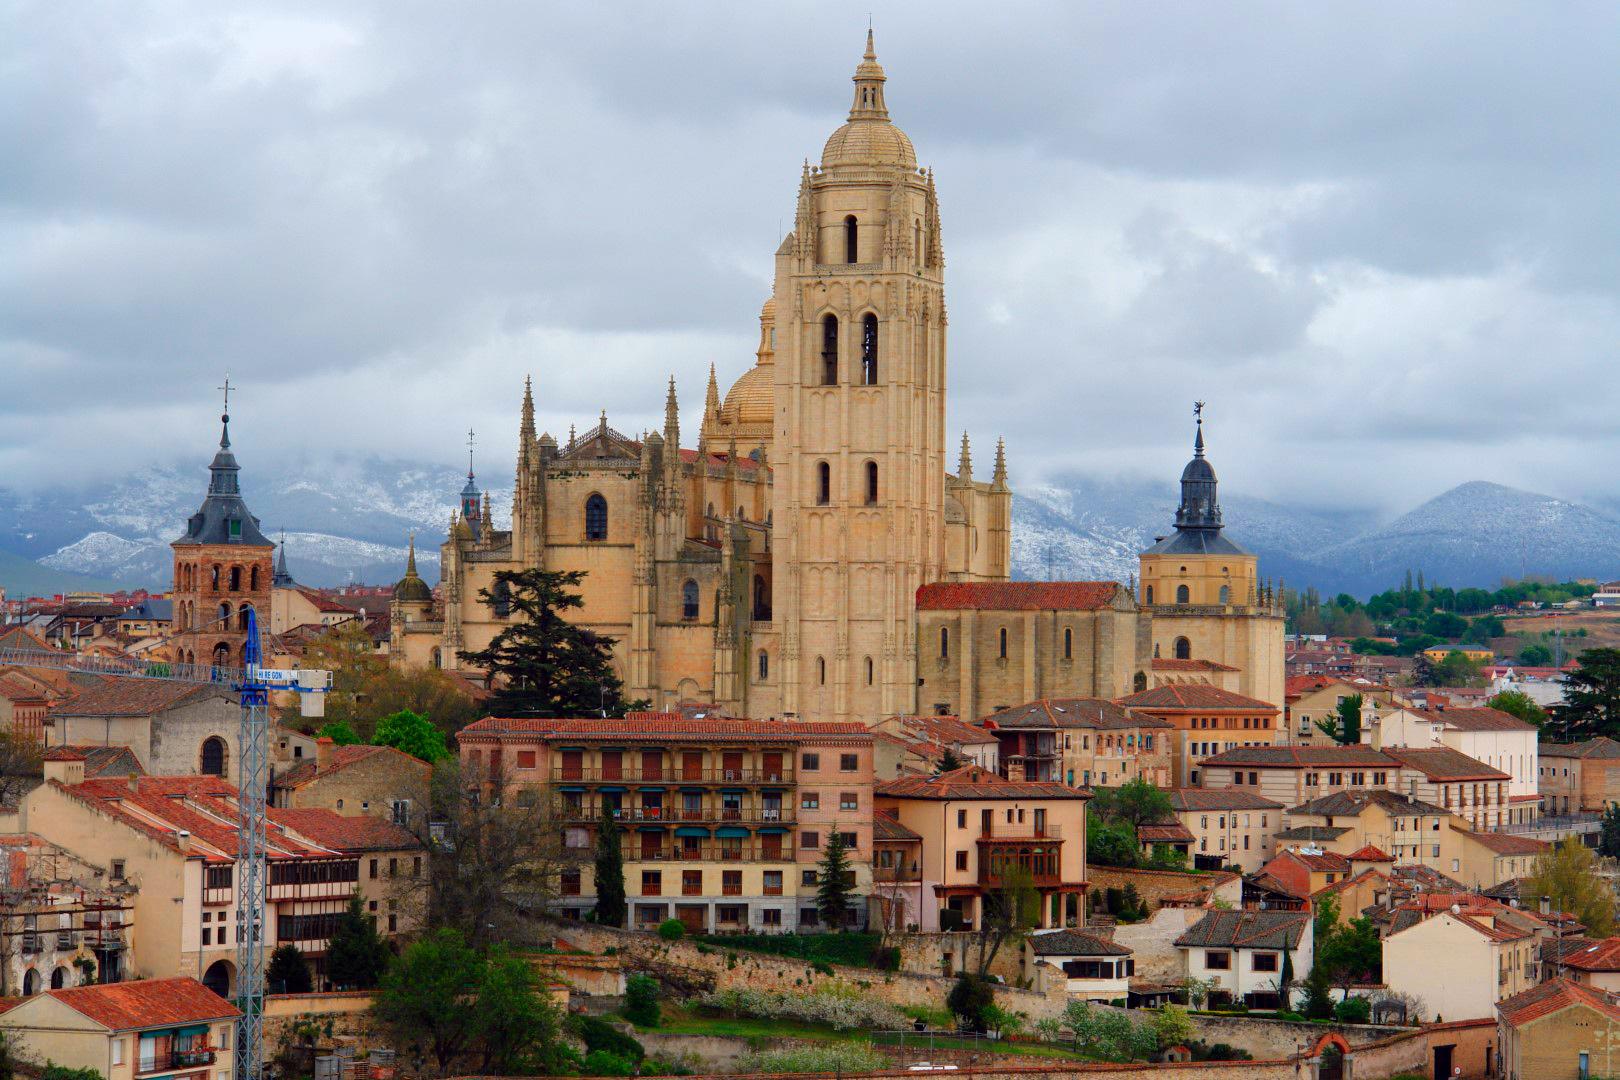 Qué ver Segovia, España qué ver en segovia - 30730786810 75aaf19565 o - Qué ver en Segovia, España